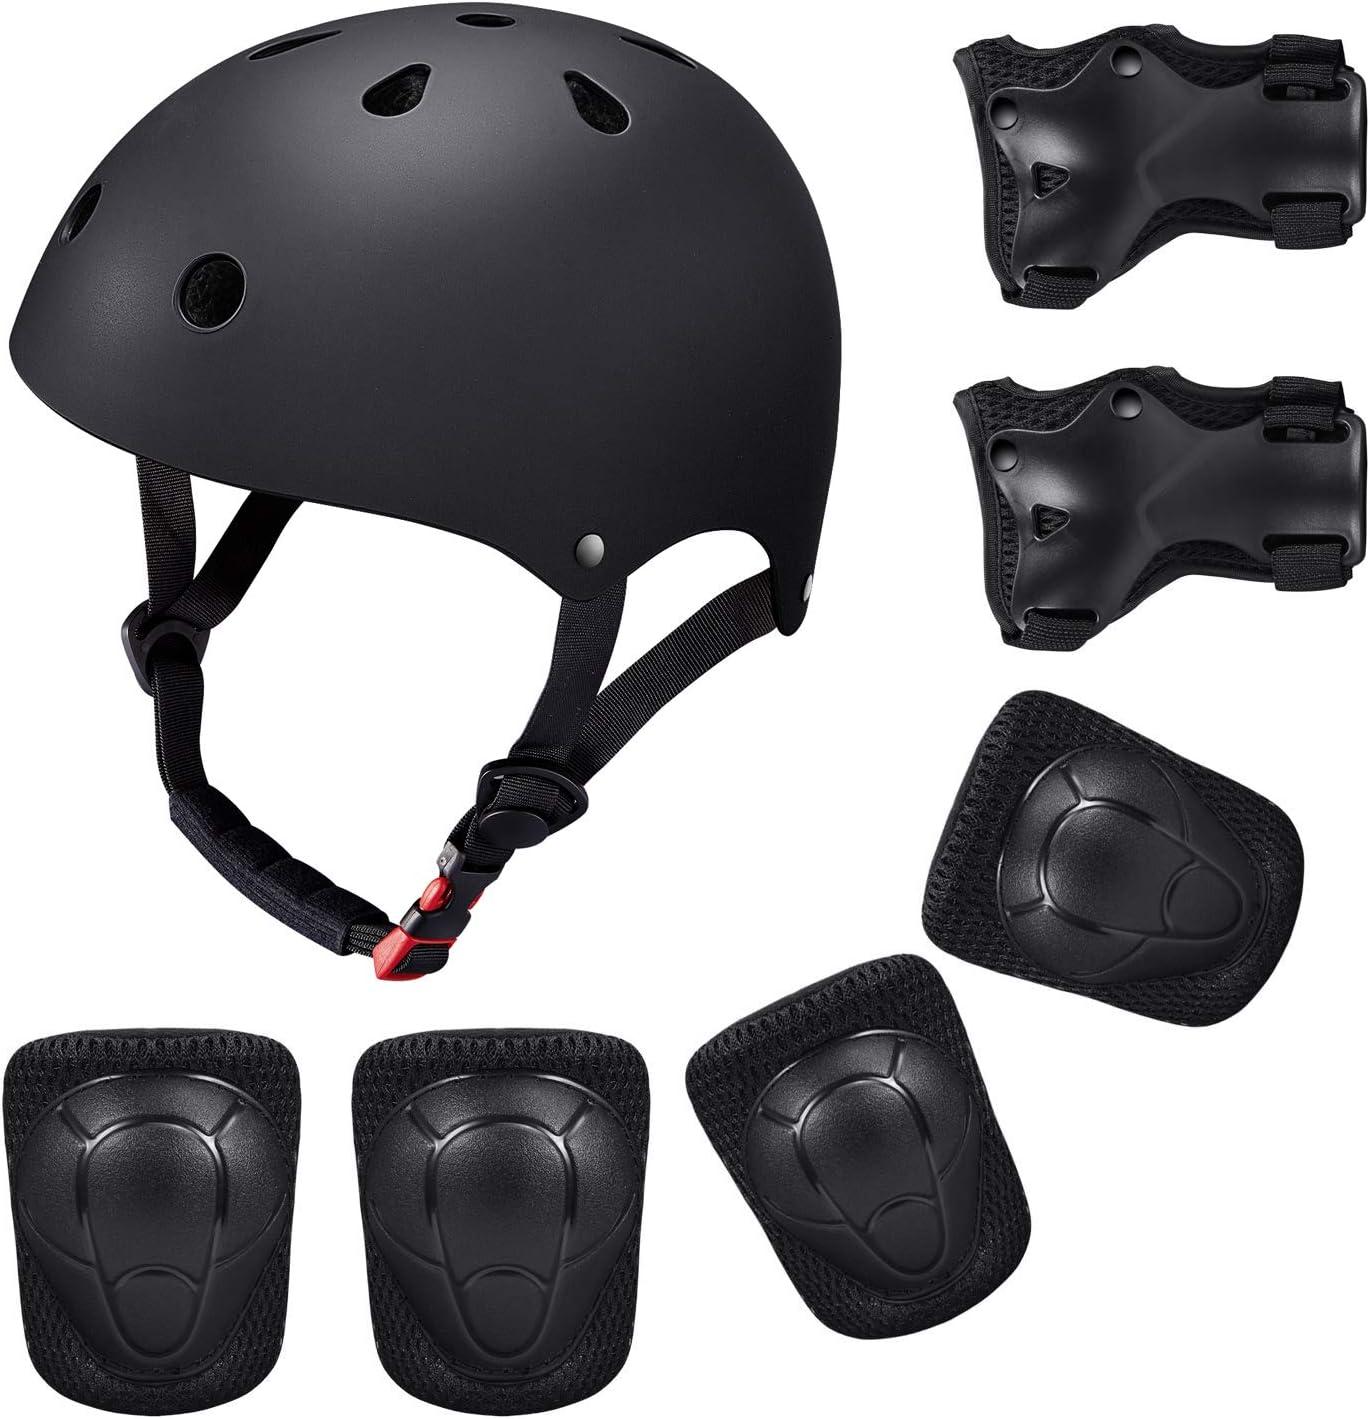 Casco y Protecciones Bicicleta Patines Monopatín Tamaño Ajustable Infantiles Rodilleras Coderas Muñuequeras Deportivos BMX Skate Longboard (Negro)